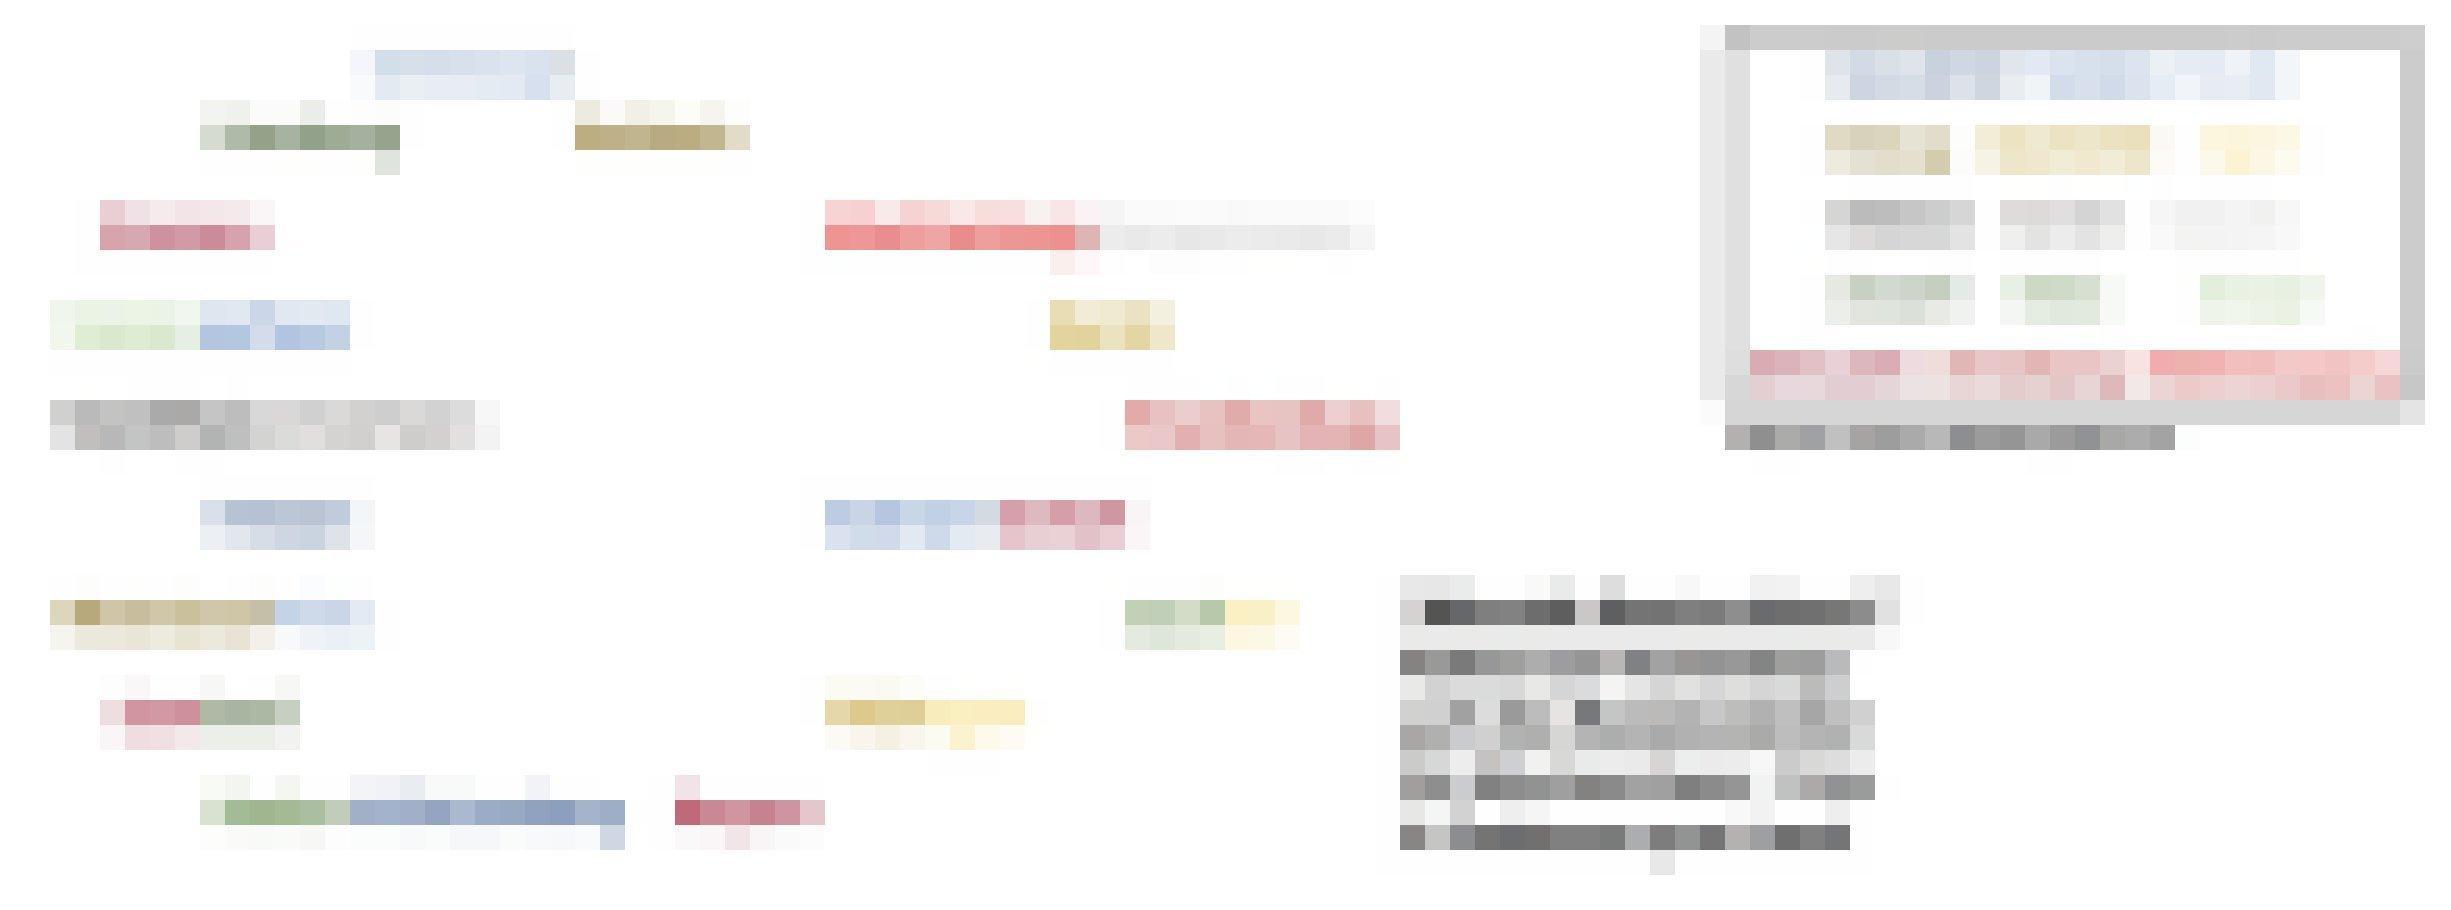 Eine Drei- auf Fünf-Matrix zeigt rechts oben in der Abbildung die mögliche Aufteilung von Messgrößen für Einflussfaktoren des Lebens (15Einträge). Diese Lebensaspekte hat der Autor für seine Recherchefahrt durch Deutschland an einer Route verteilt, die durch alle 16Bundesländer führt. Details zur Recherche-Fahrt finden sich am Ende des Beitrags.